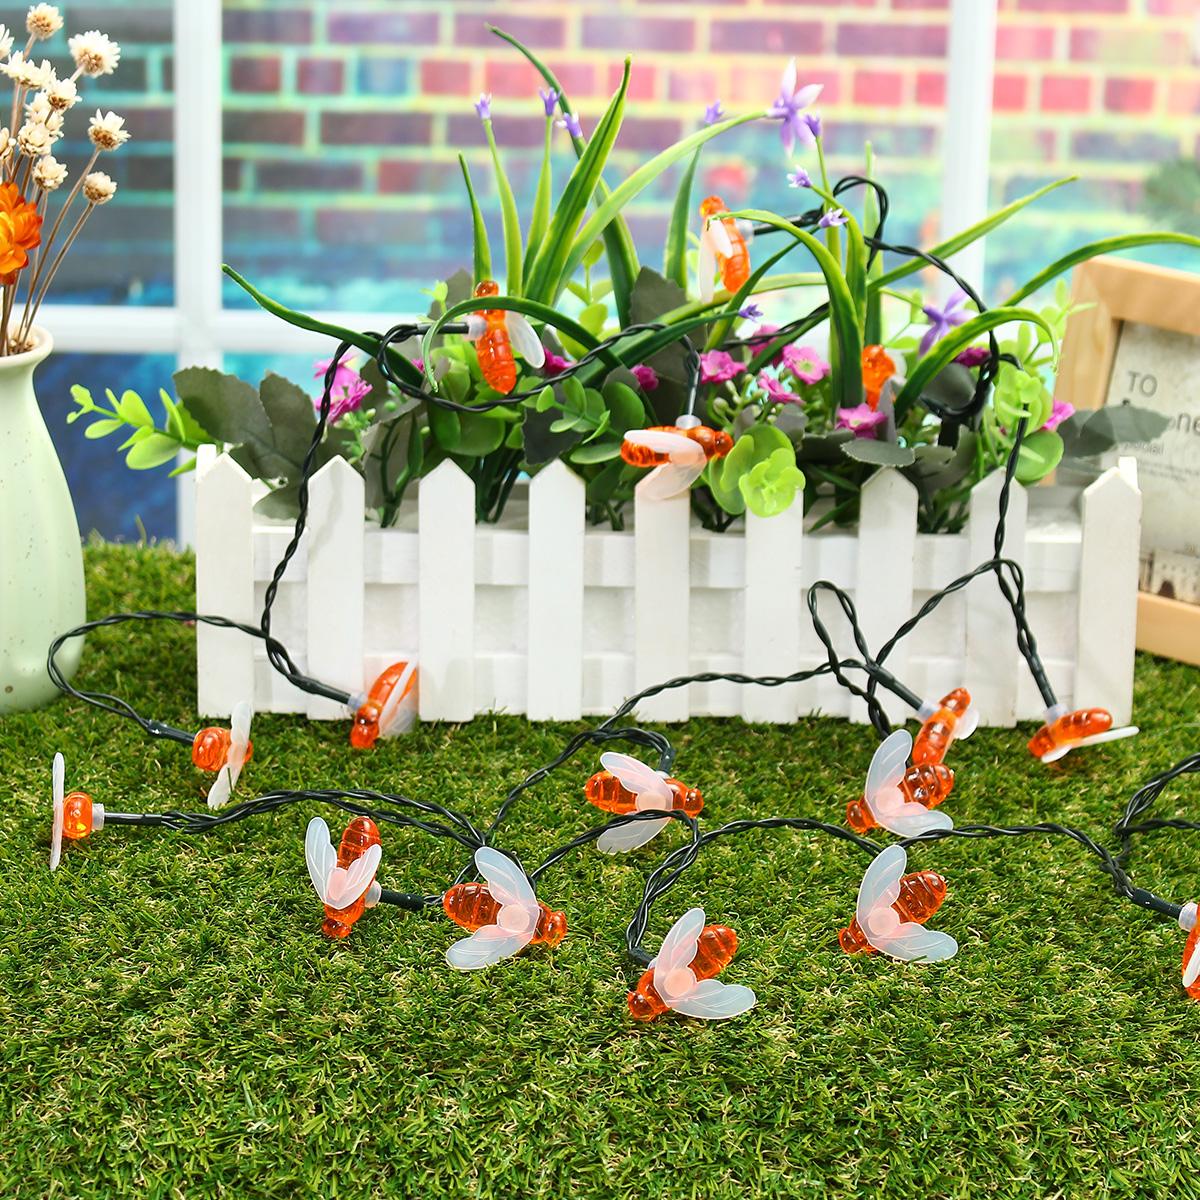 Солнечная Powered 5M 20LEDs Водонепроницаемы Honey Bee Fairy String Light для Сад Yard Christmas - фото 8